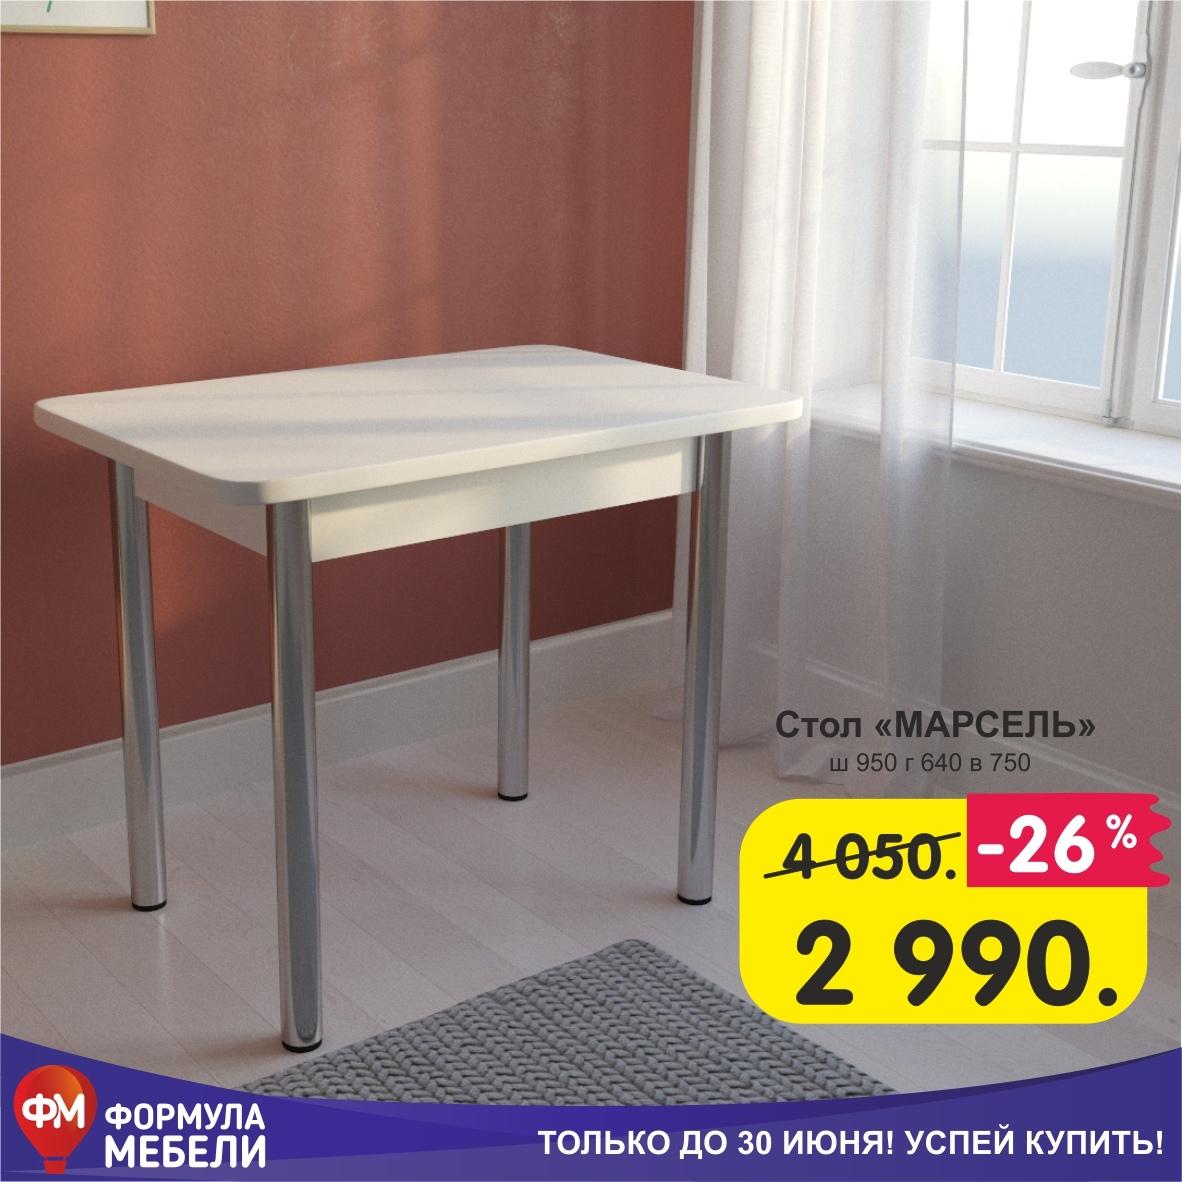 Только до 30 июня стол «Марсель» можно купить со скидкой 26%!